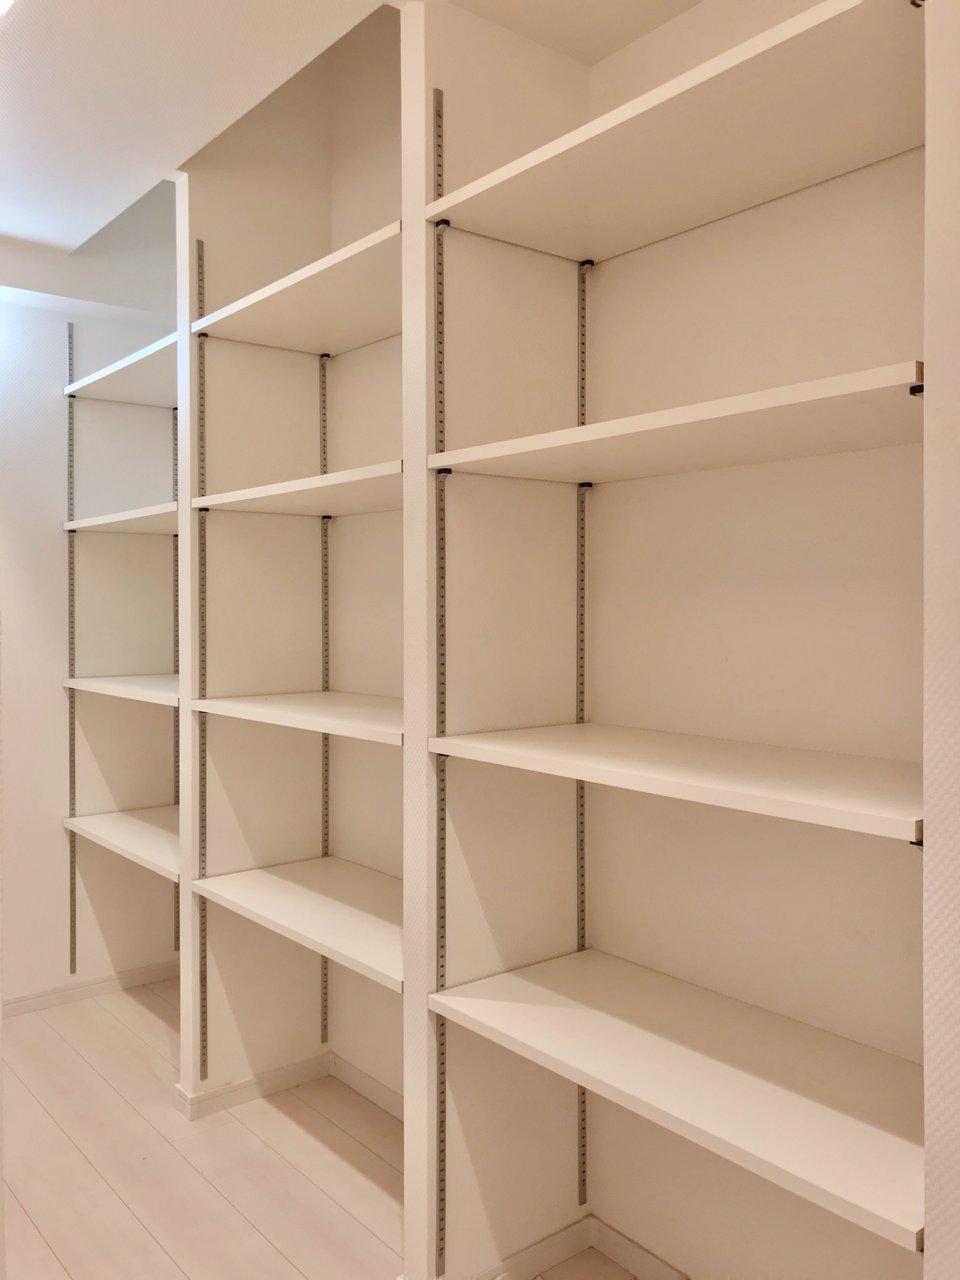 たくさんの棚のあるウォークインクローゼットが嬉しい!棚板も動かせるので、収納したいものに合わせて使えますね。